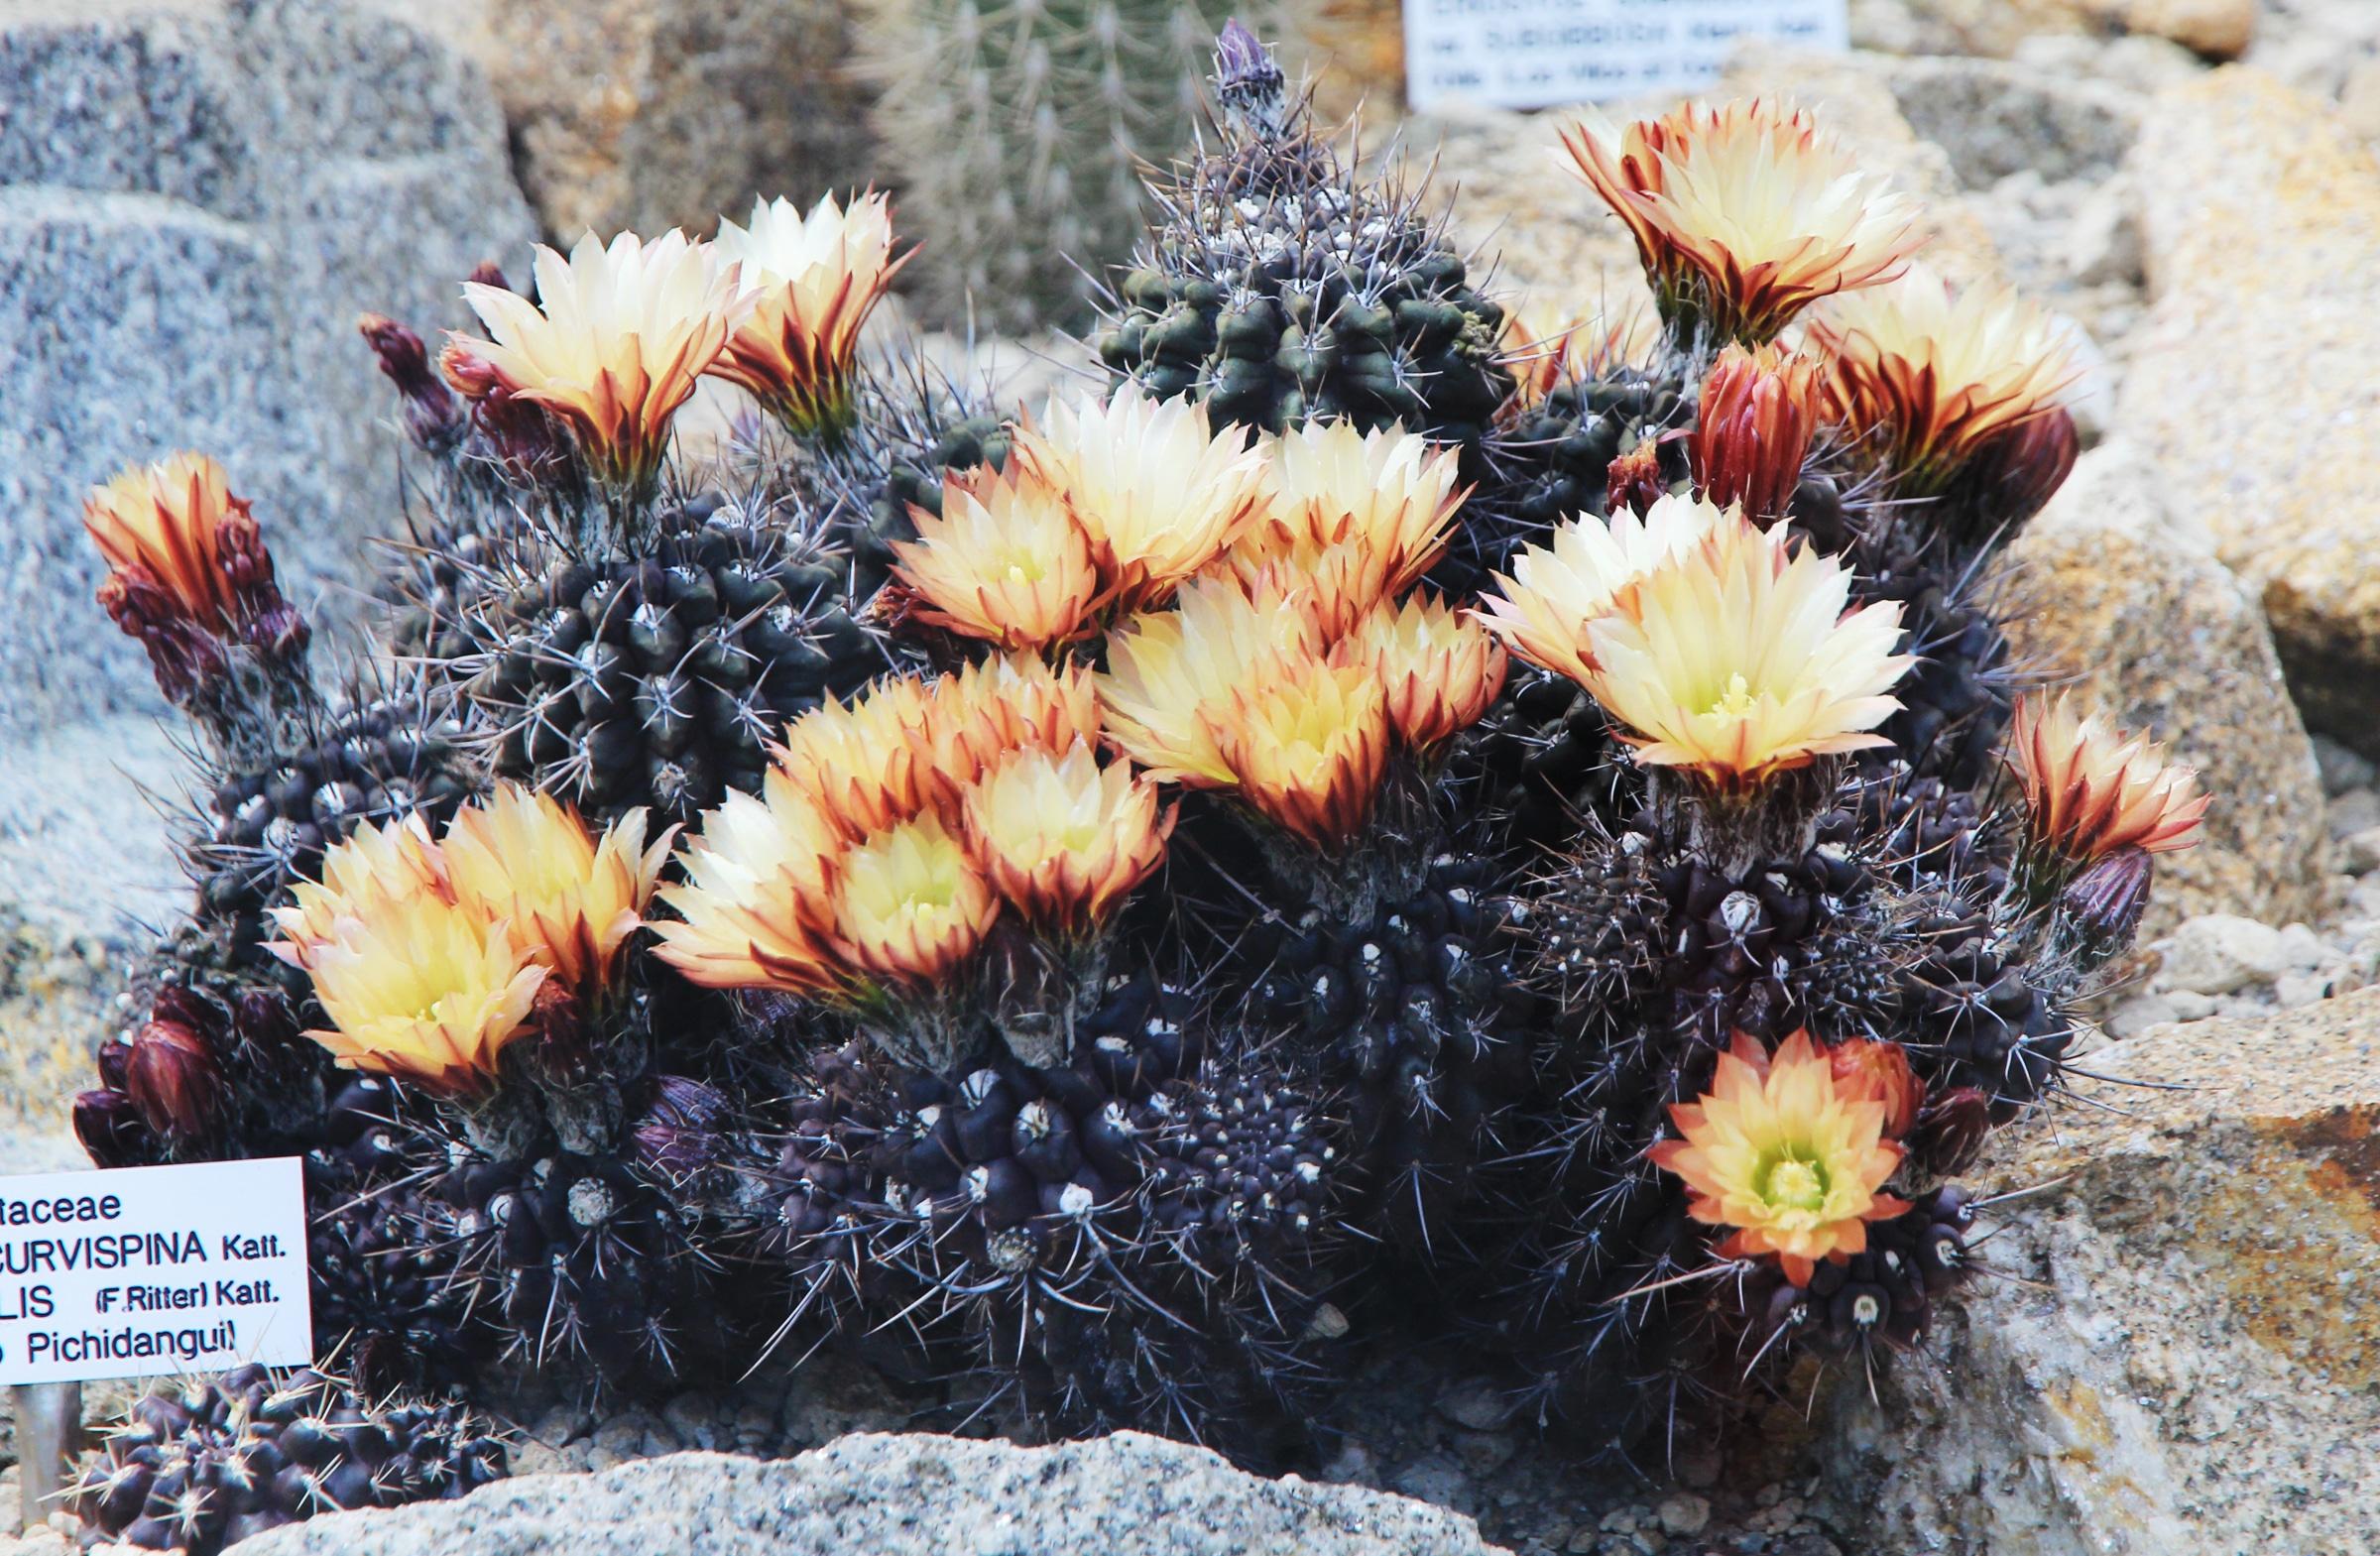 Eriosyce curvispina en flor